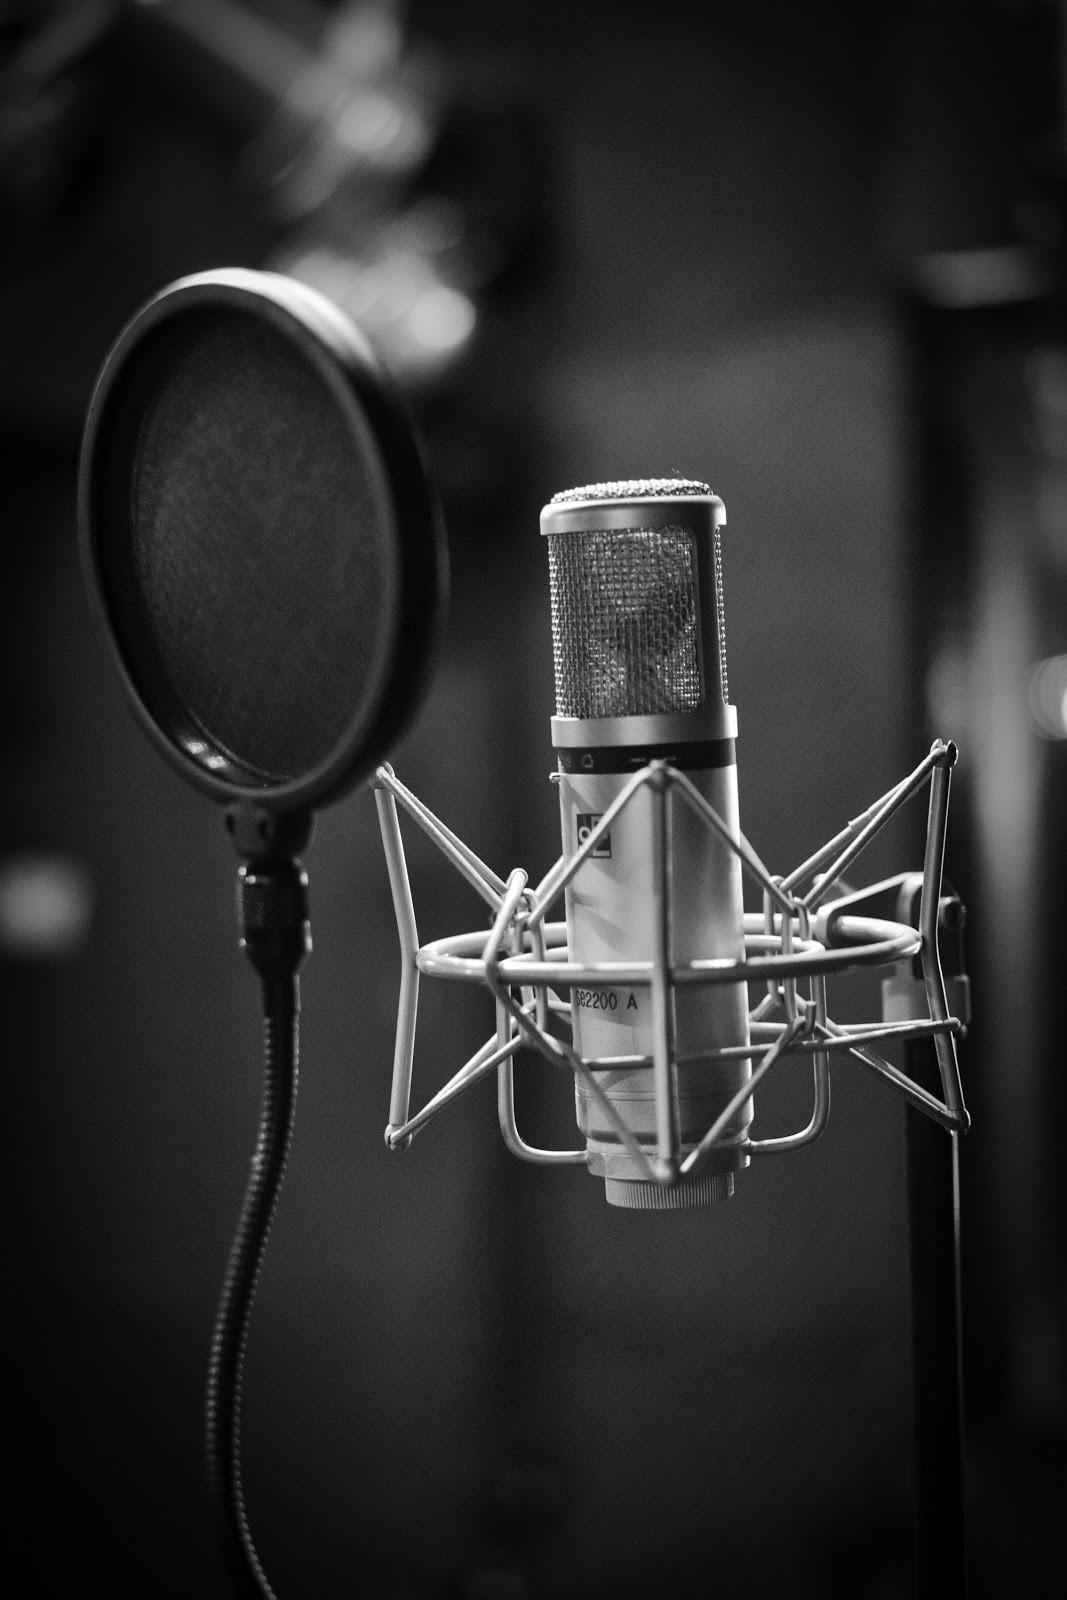 Микрофоны для компьютера: хорошие компьютерные модели с usb и беспроводные для пк. какой выбрать дешевый микрофон? как сделать своими руками?